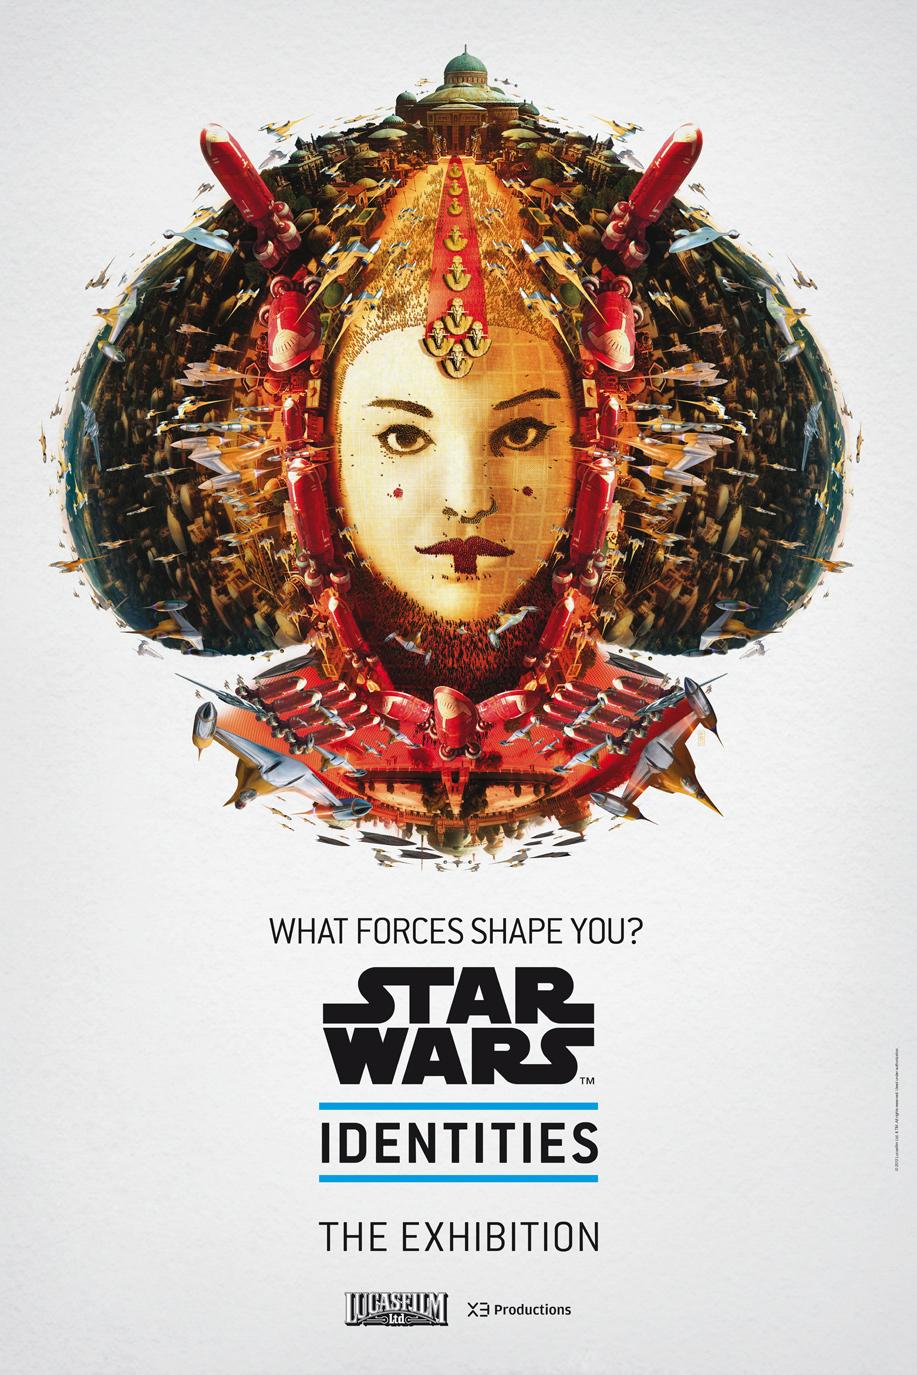 Звездные войны, новый эпизод